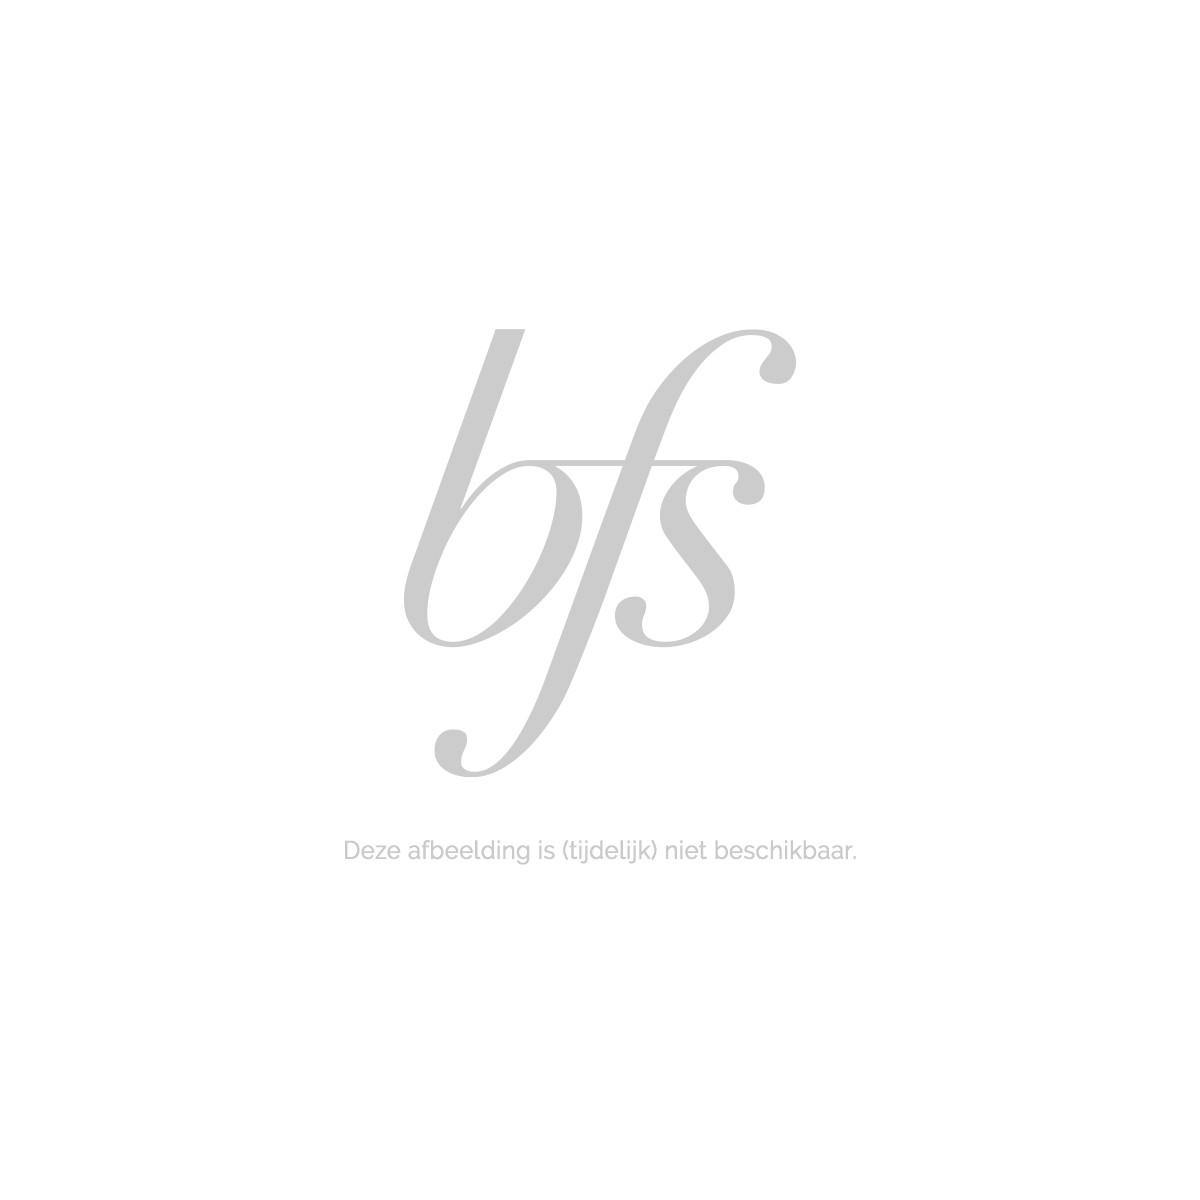 Beardburys Baardolie Met Pipet 30 Ml